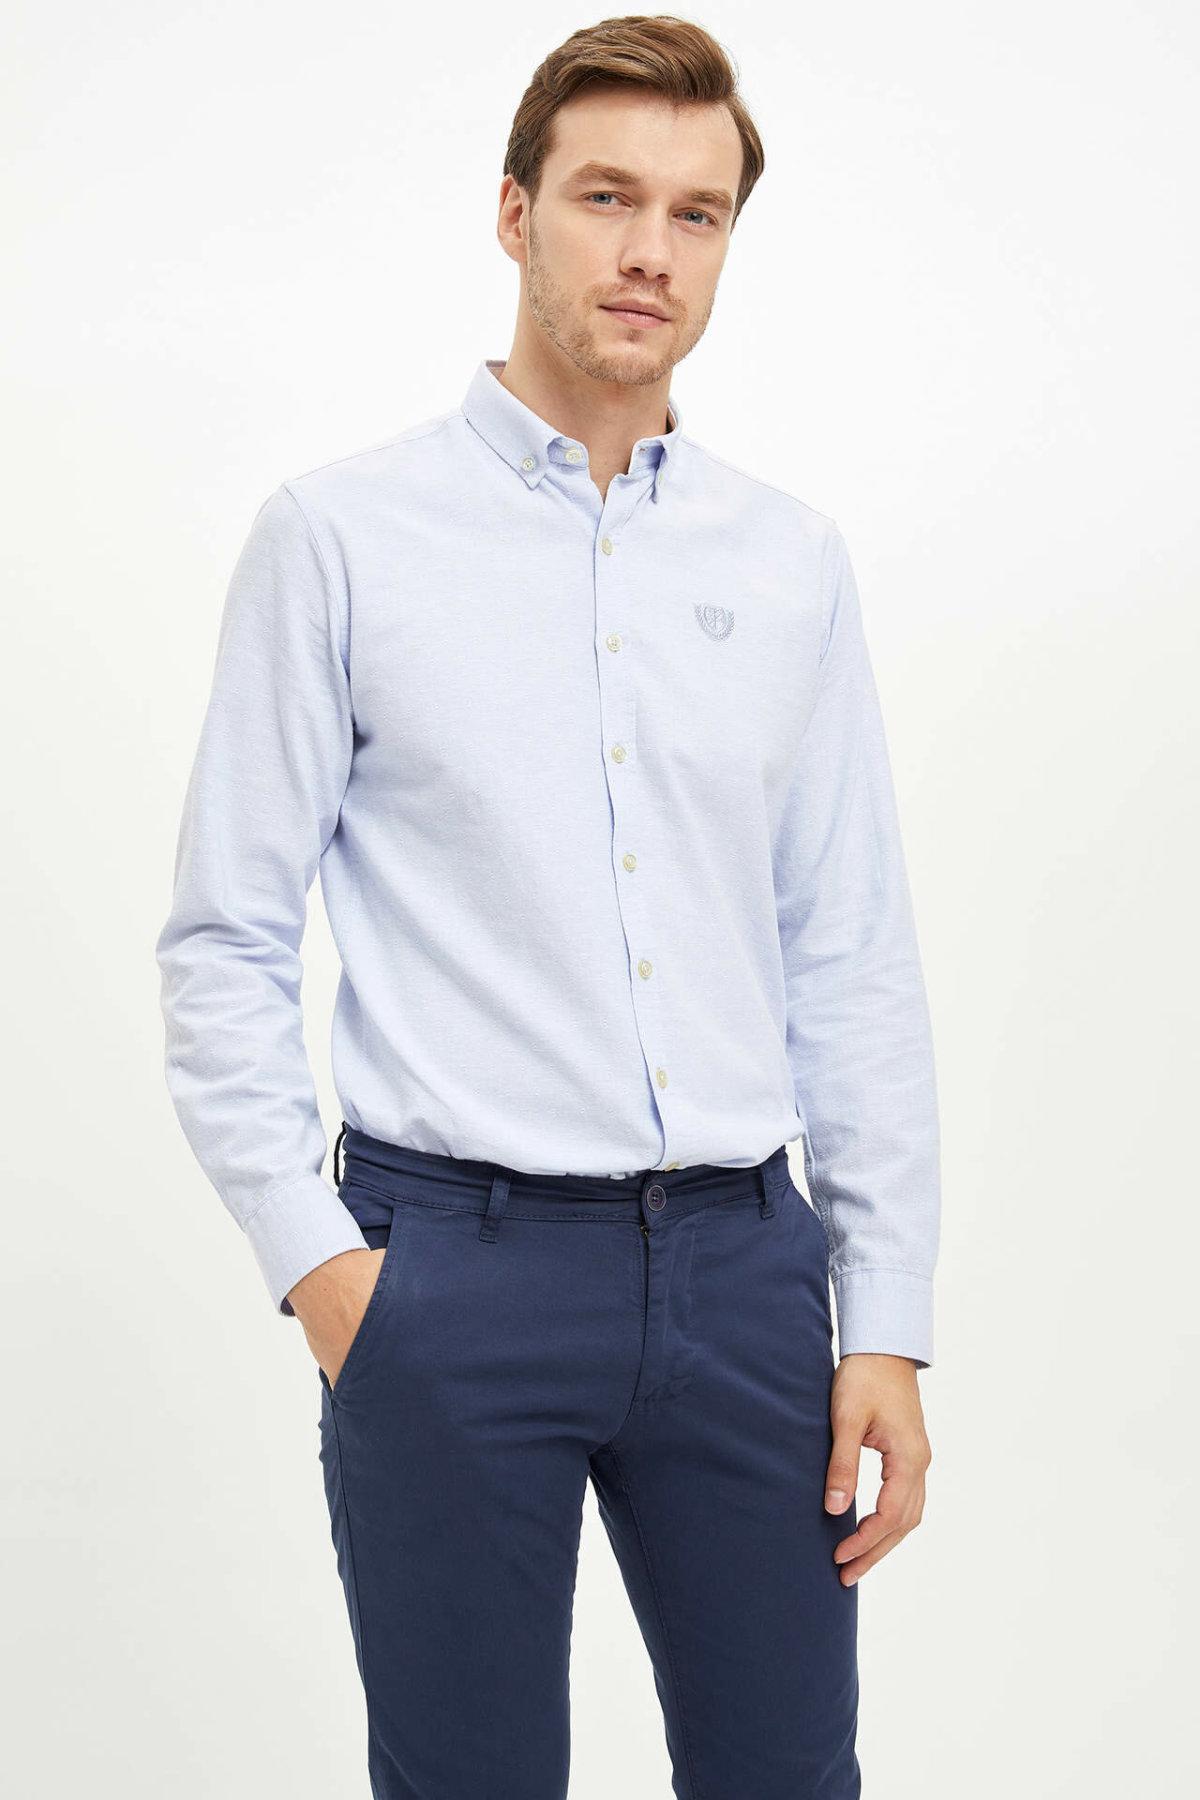 De hecho los hombres Formal Simple Color puro solapa para cuello de camisa tejida Top, camiseta de manga larga de negocios casuales, ropa Shirt-L0673AZ19AU